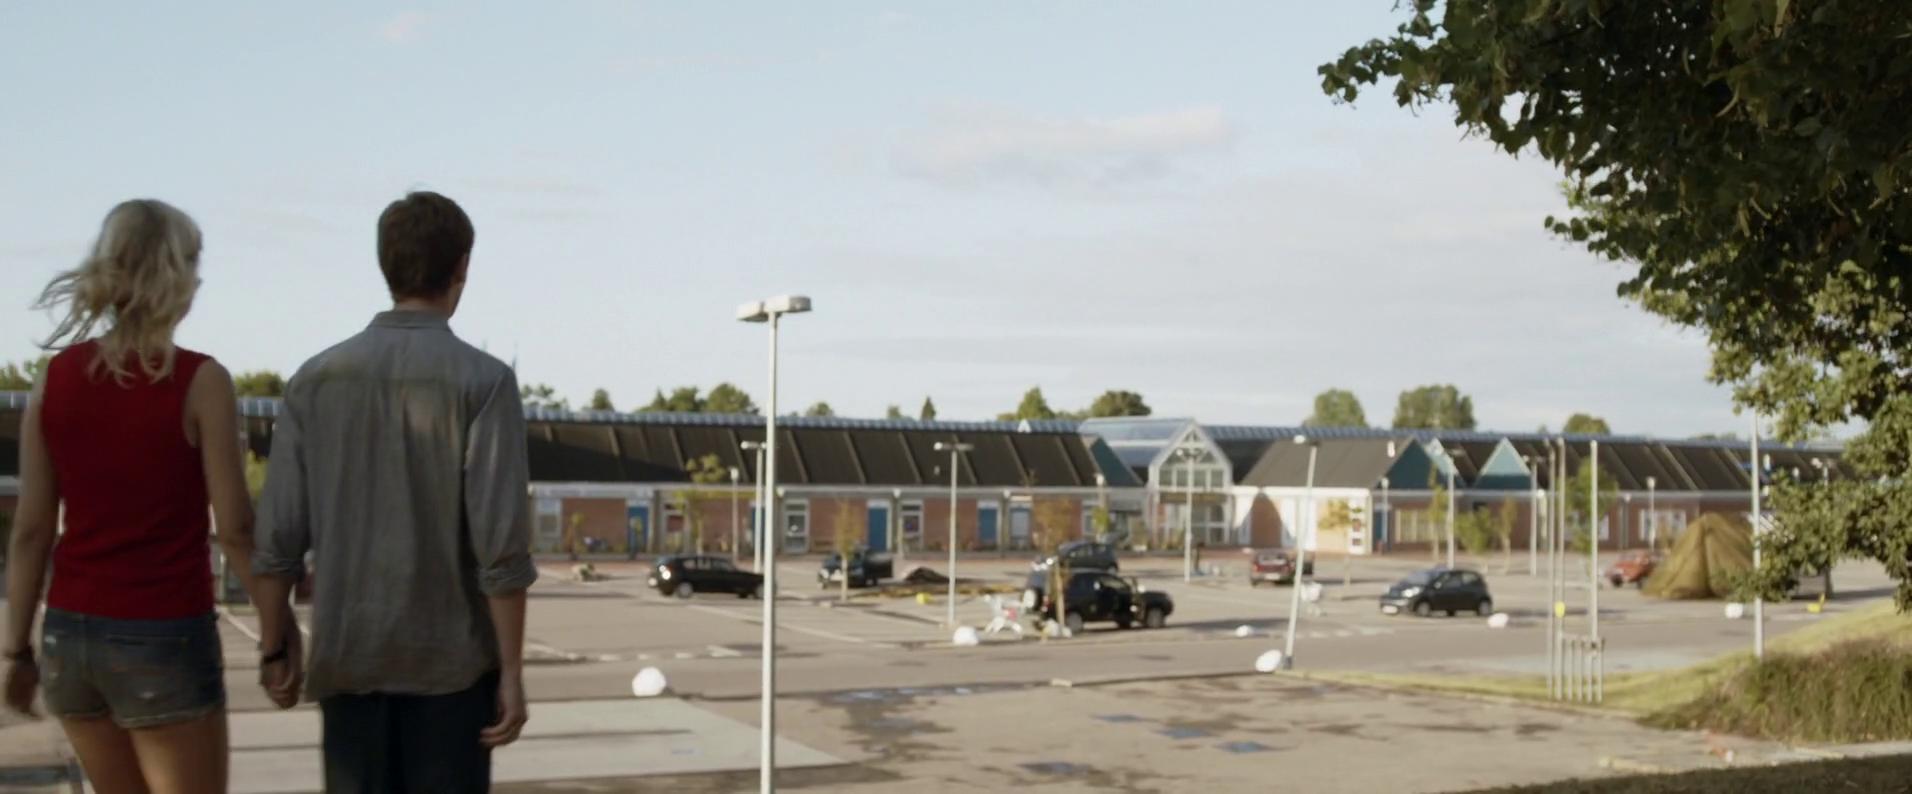 Судный день Дэна / Dannys dommedag (2014) WEB-DL 1080p